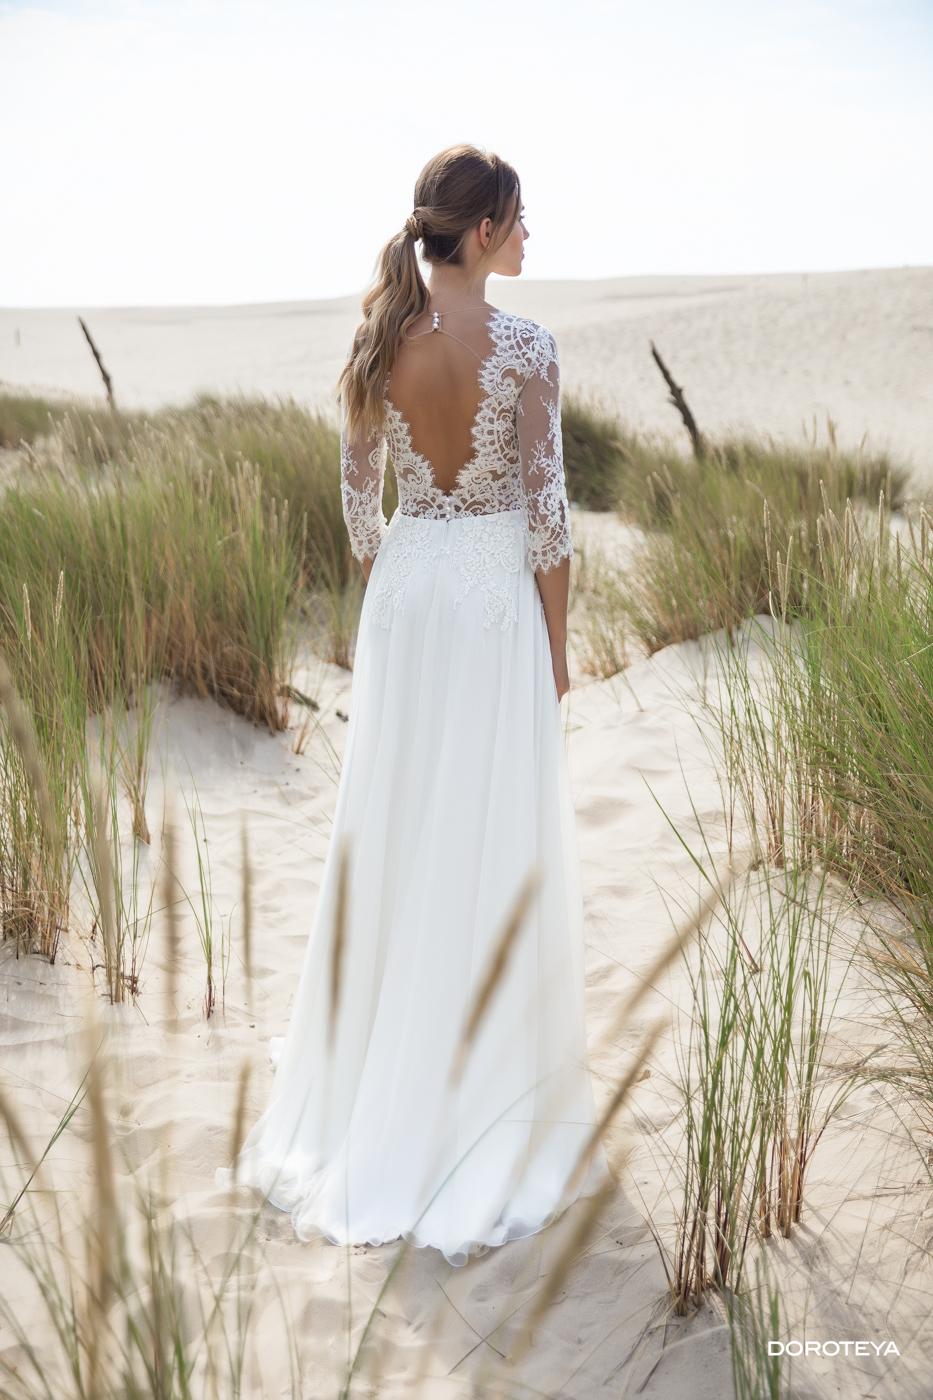 Sommer Hochzeit Strand freie Trauung feine Spitze tiefer Rücken myLovely le rina sehr elegant Brautmoden Chiffon